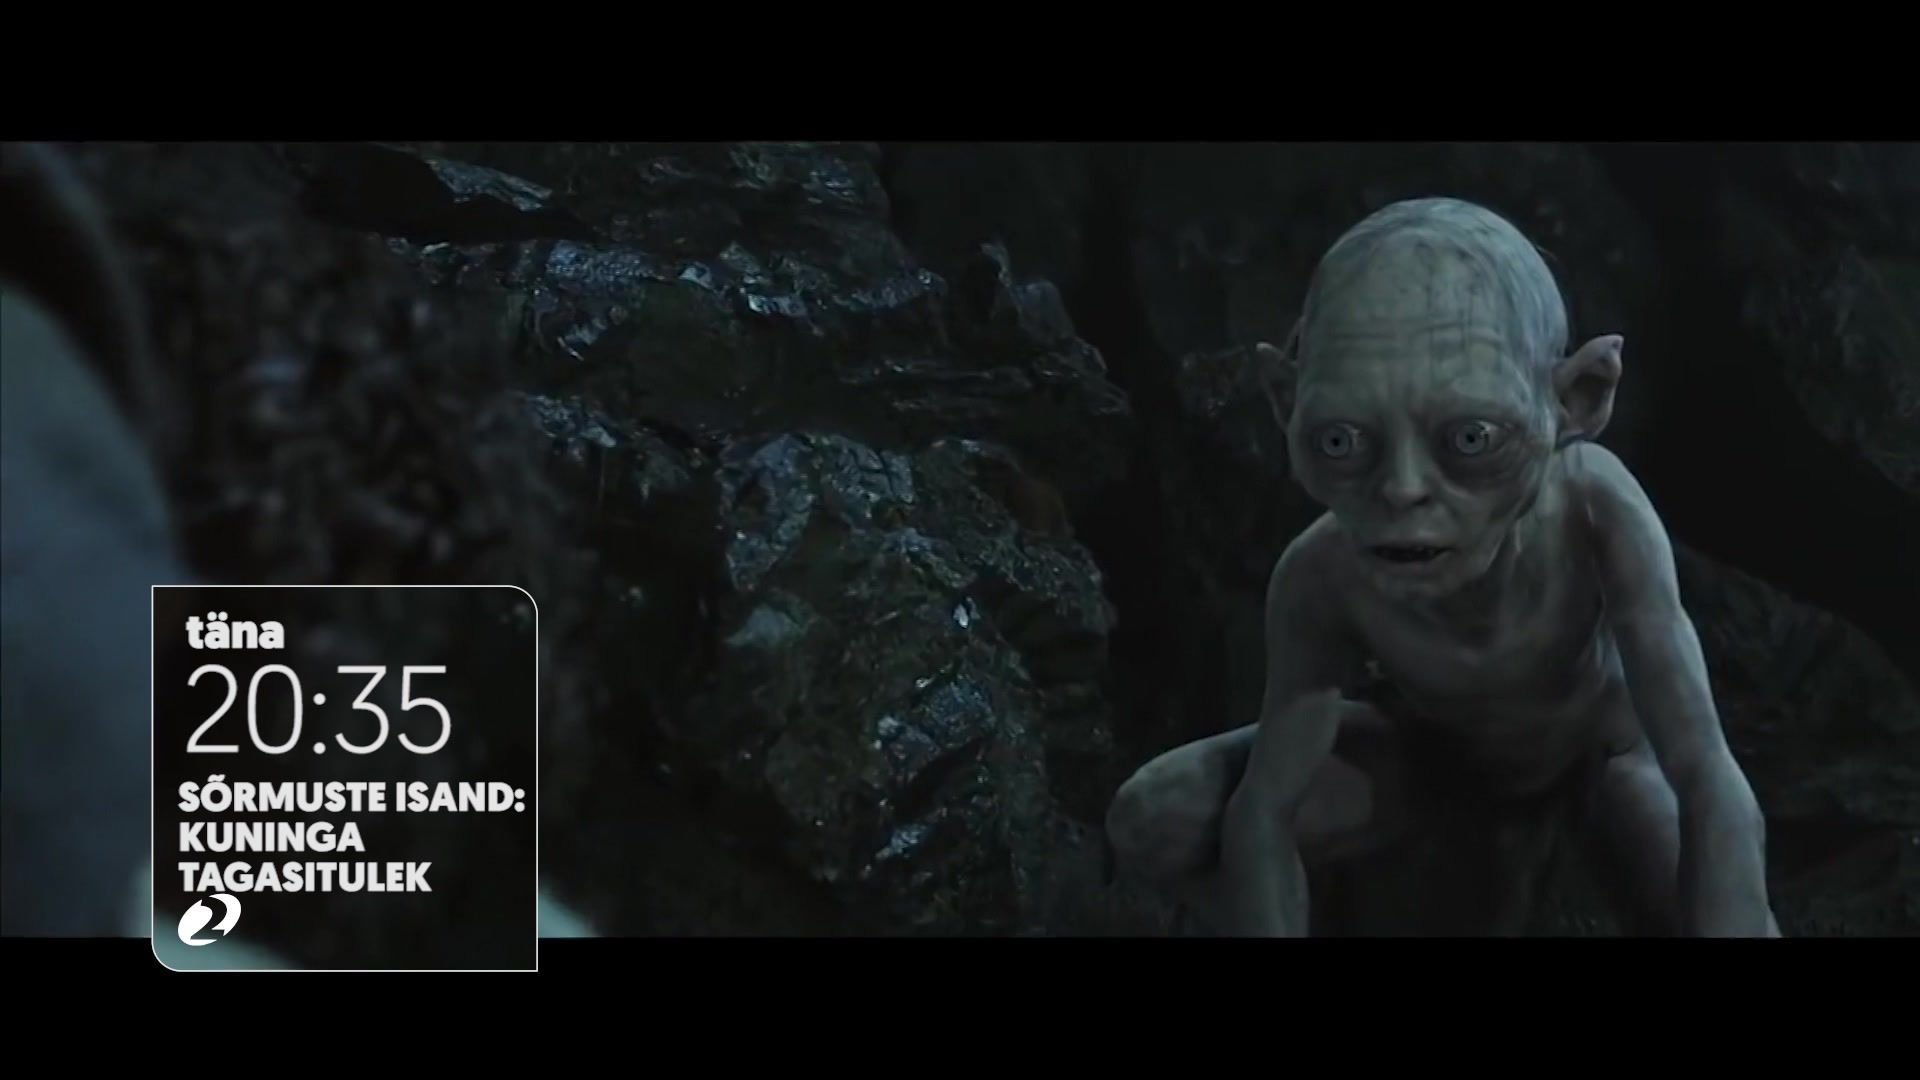 a2f25aa7a33 Kinoõhtu Kanal 2s: 11 Oscarit võitnud «Sõrmuste isand: Kuninga tagasitulek»  - Kinoportaal